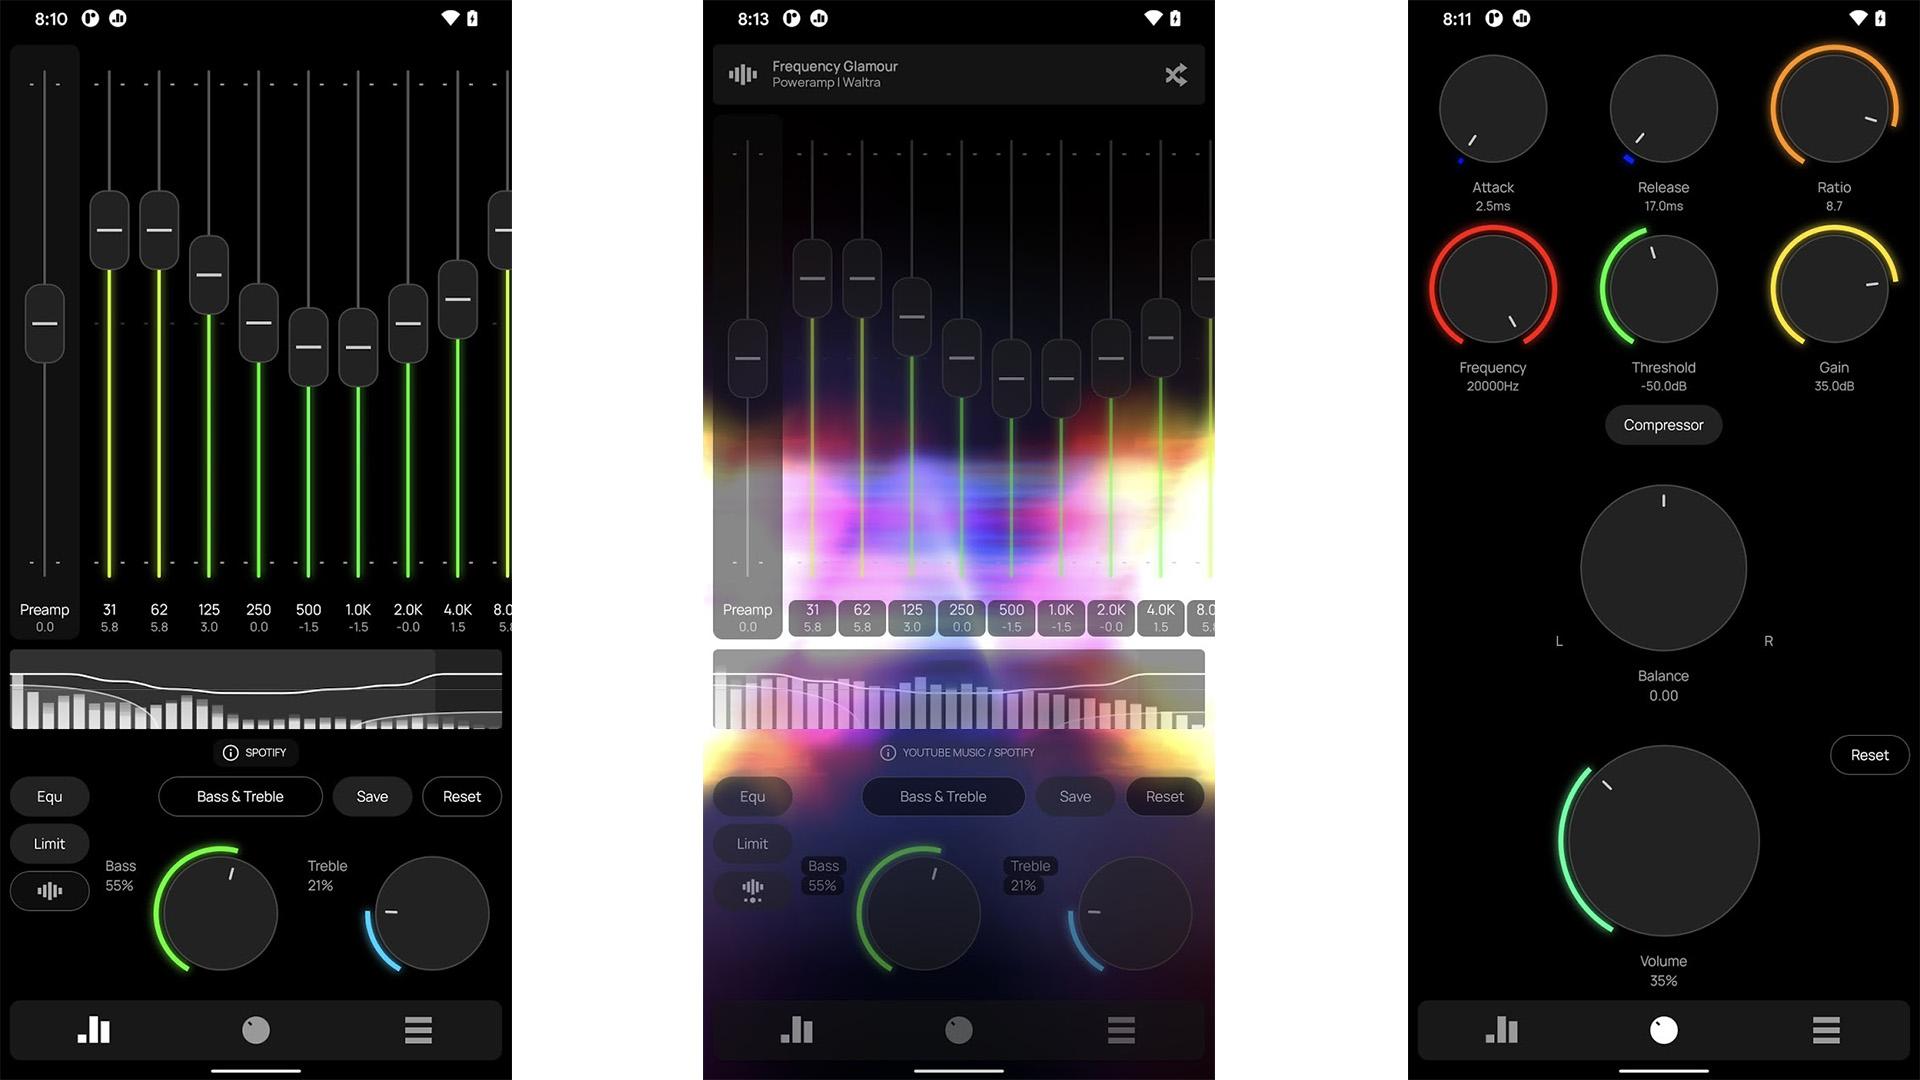 Poweramp Equalizer screenshot